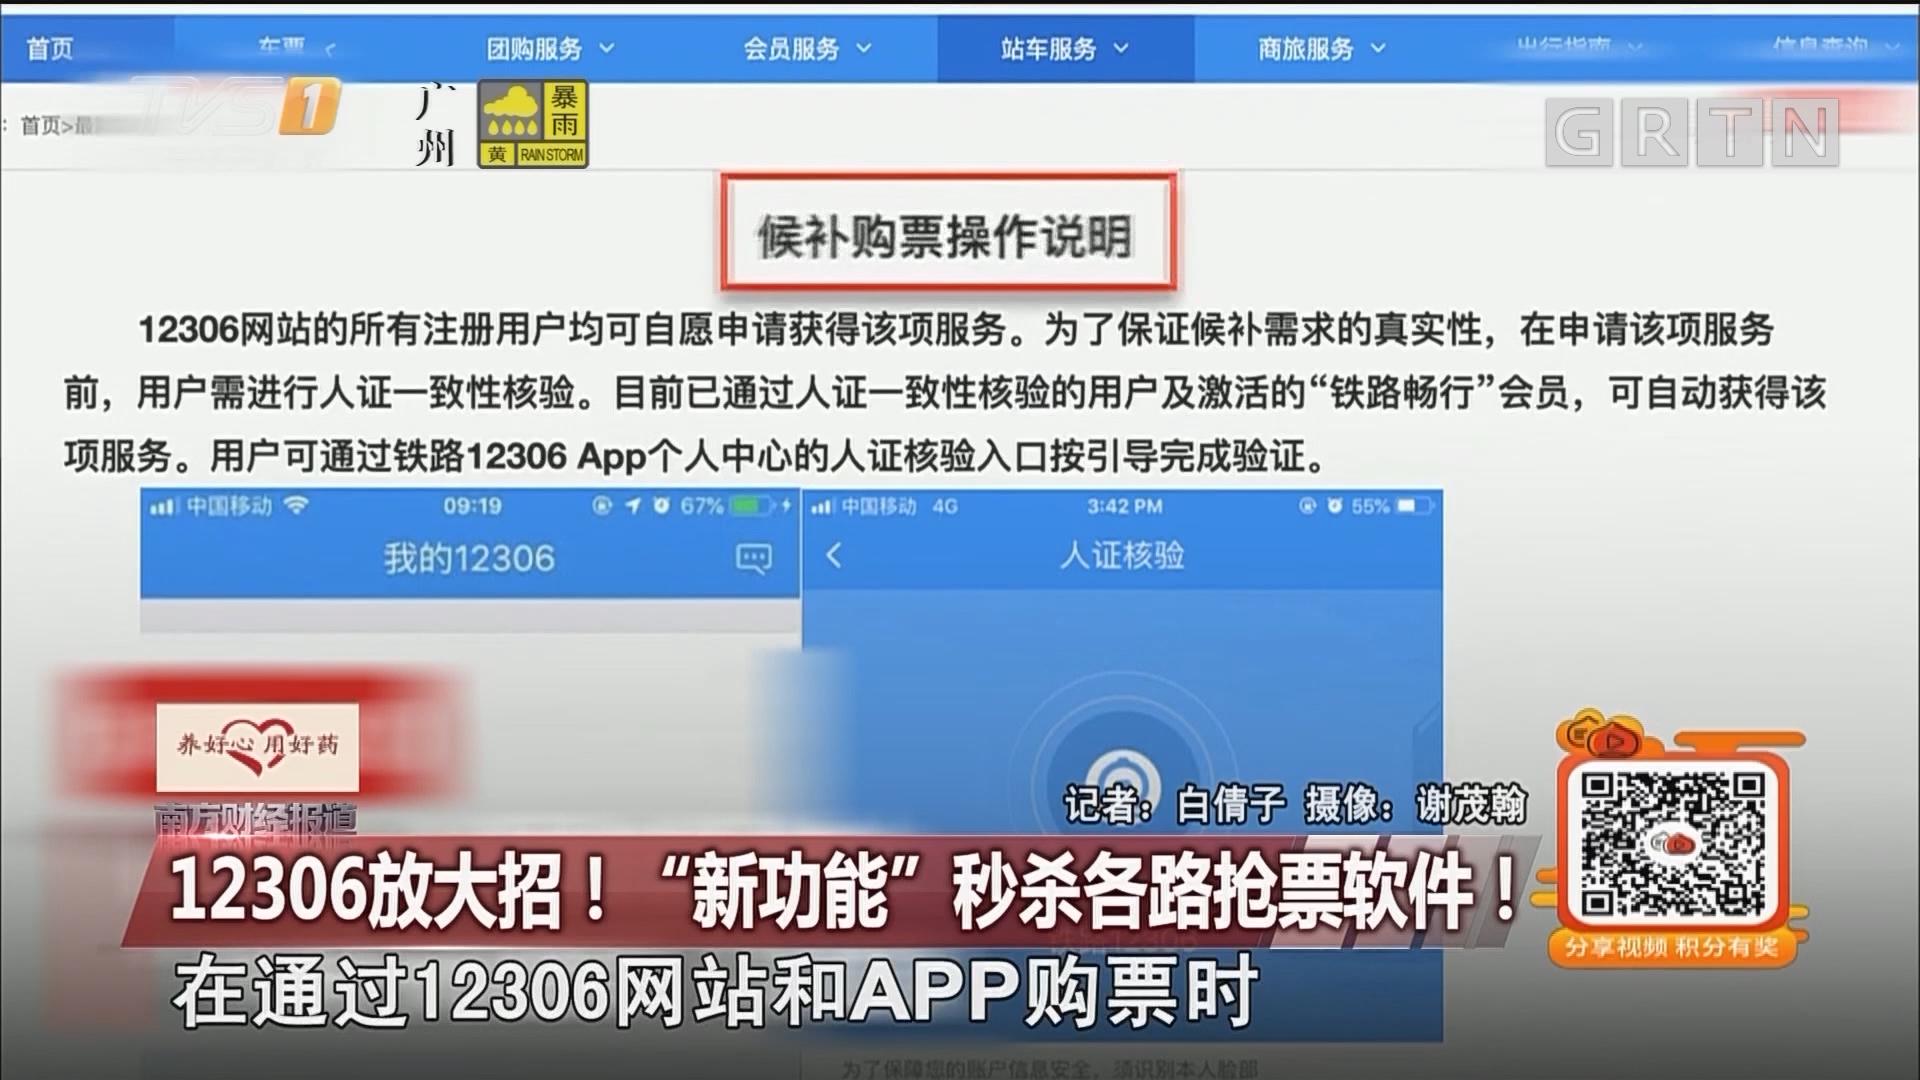 """12306放大招!""""新功能""""秒杀各路抢票软件!"""